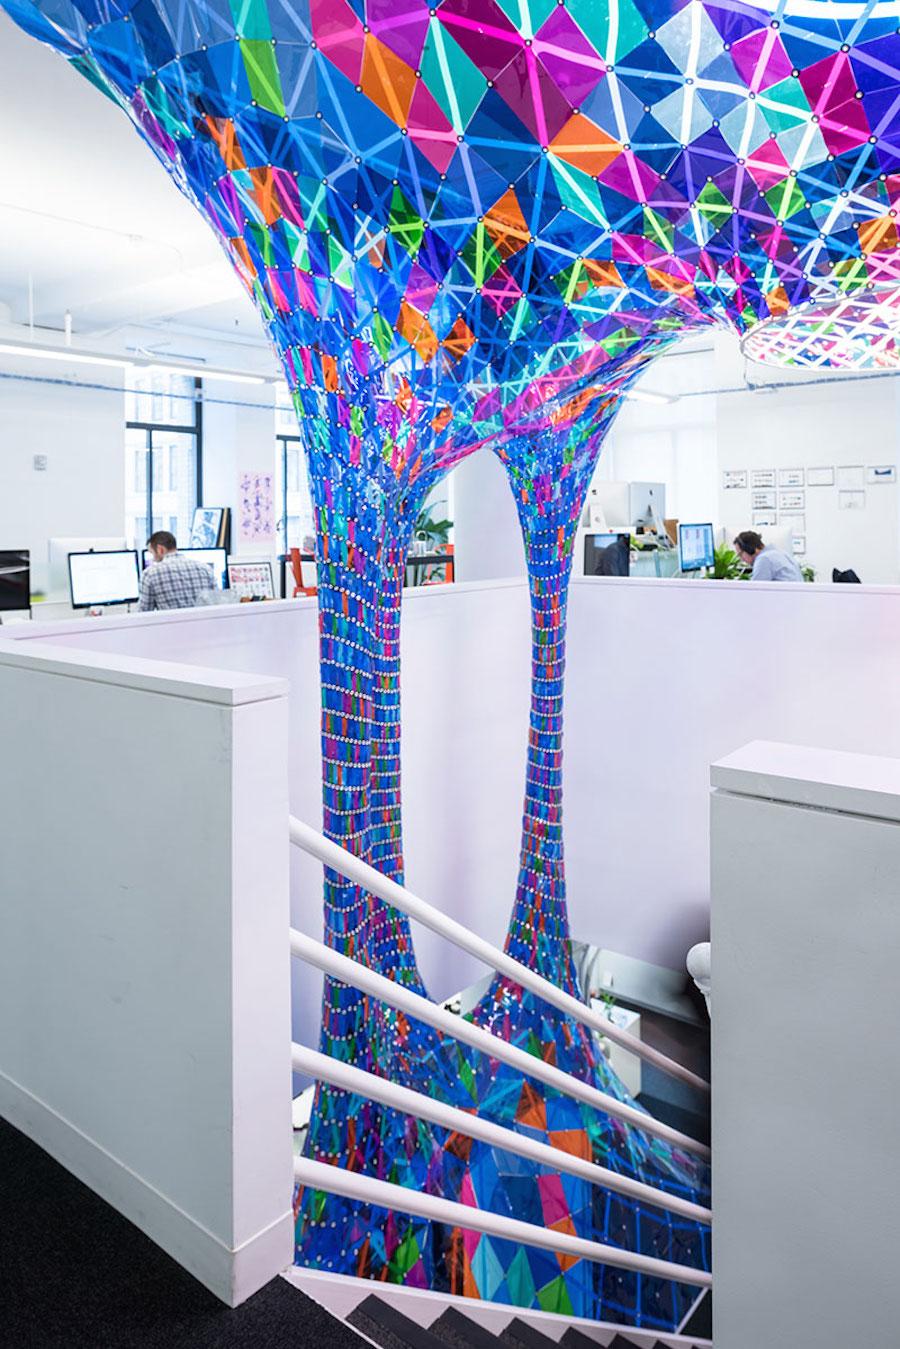 installazione-vetro-colori-behance-new-york-softlab-2